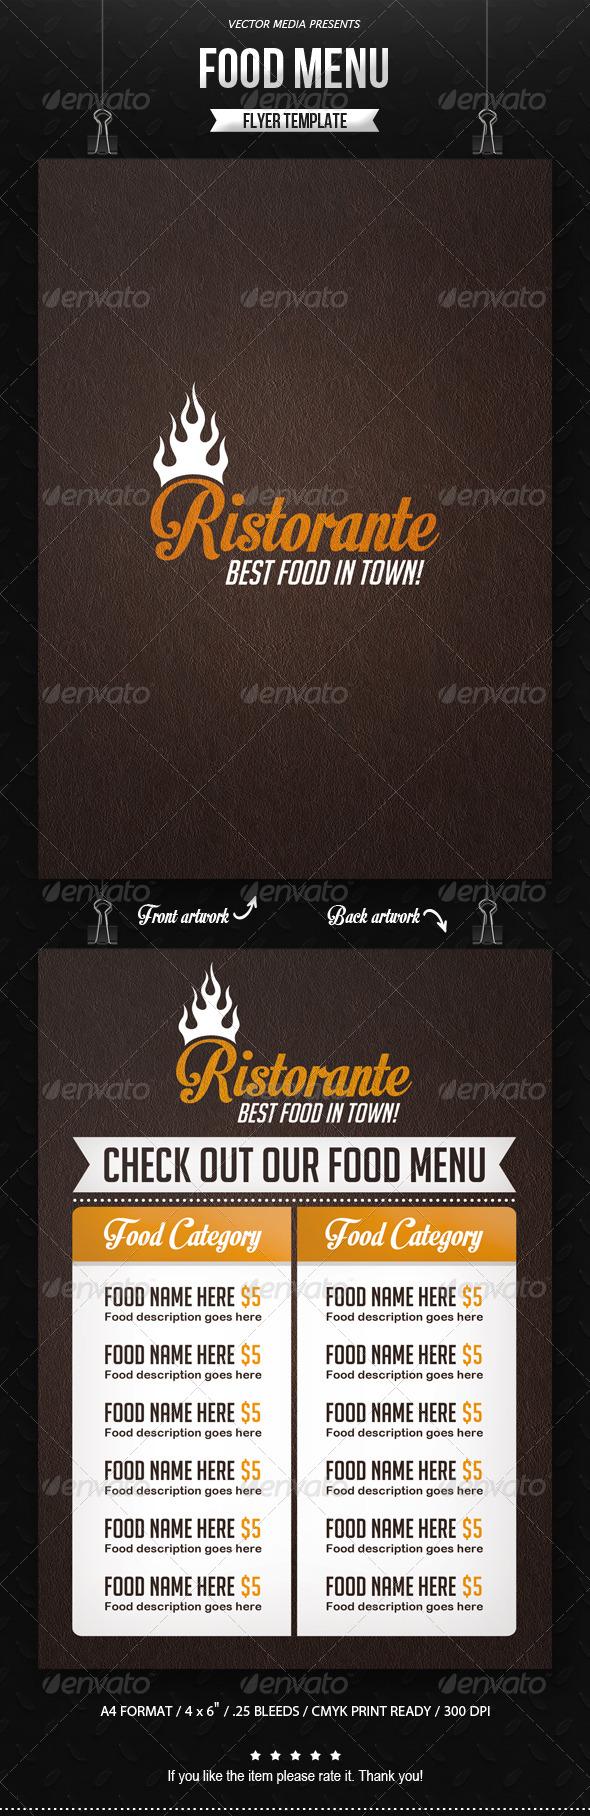 GraphicRiver Food Menu Flyer 7741653